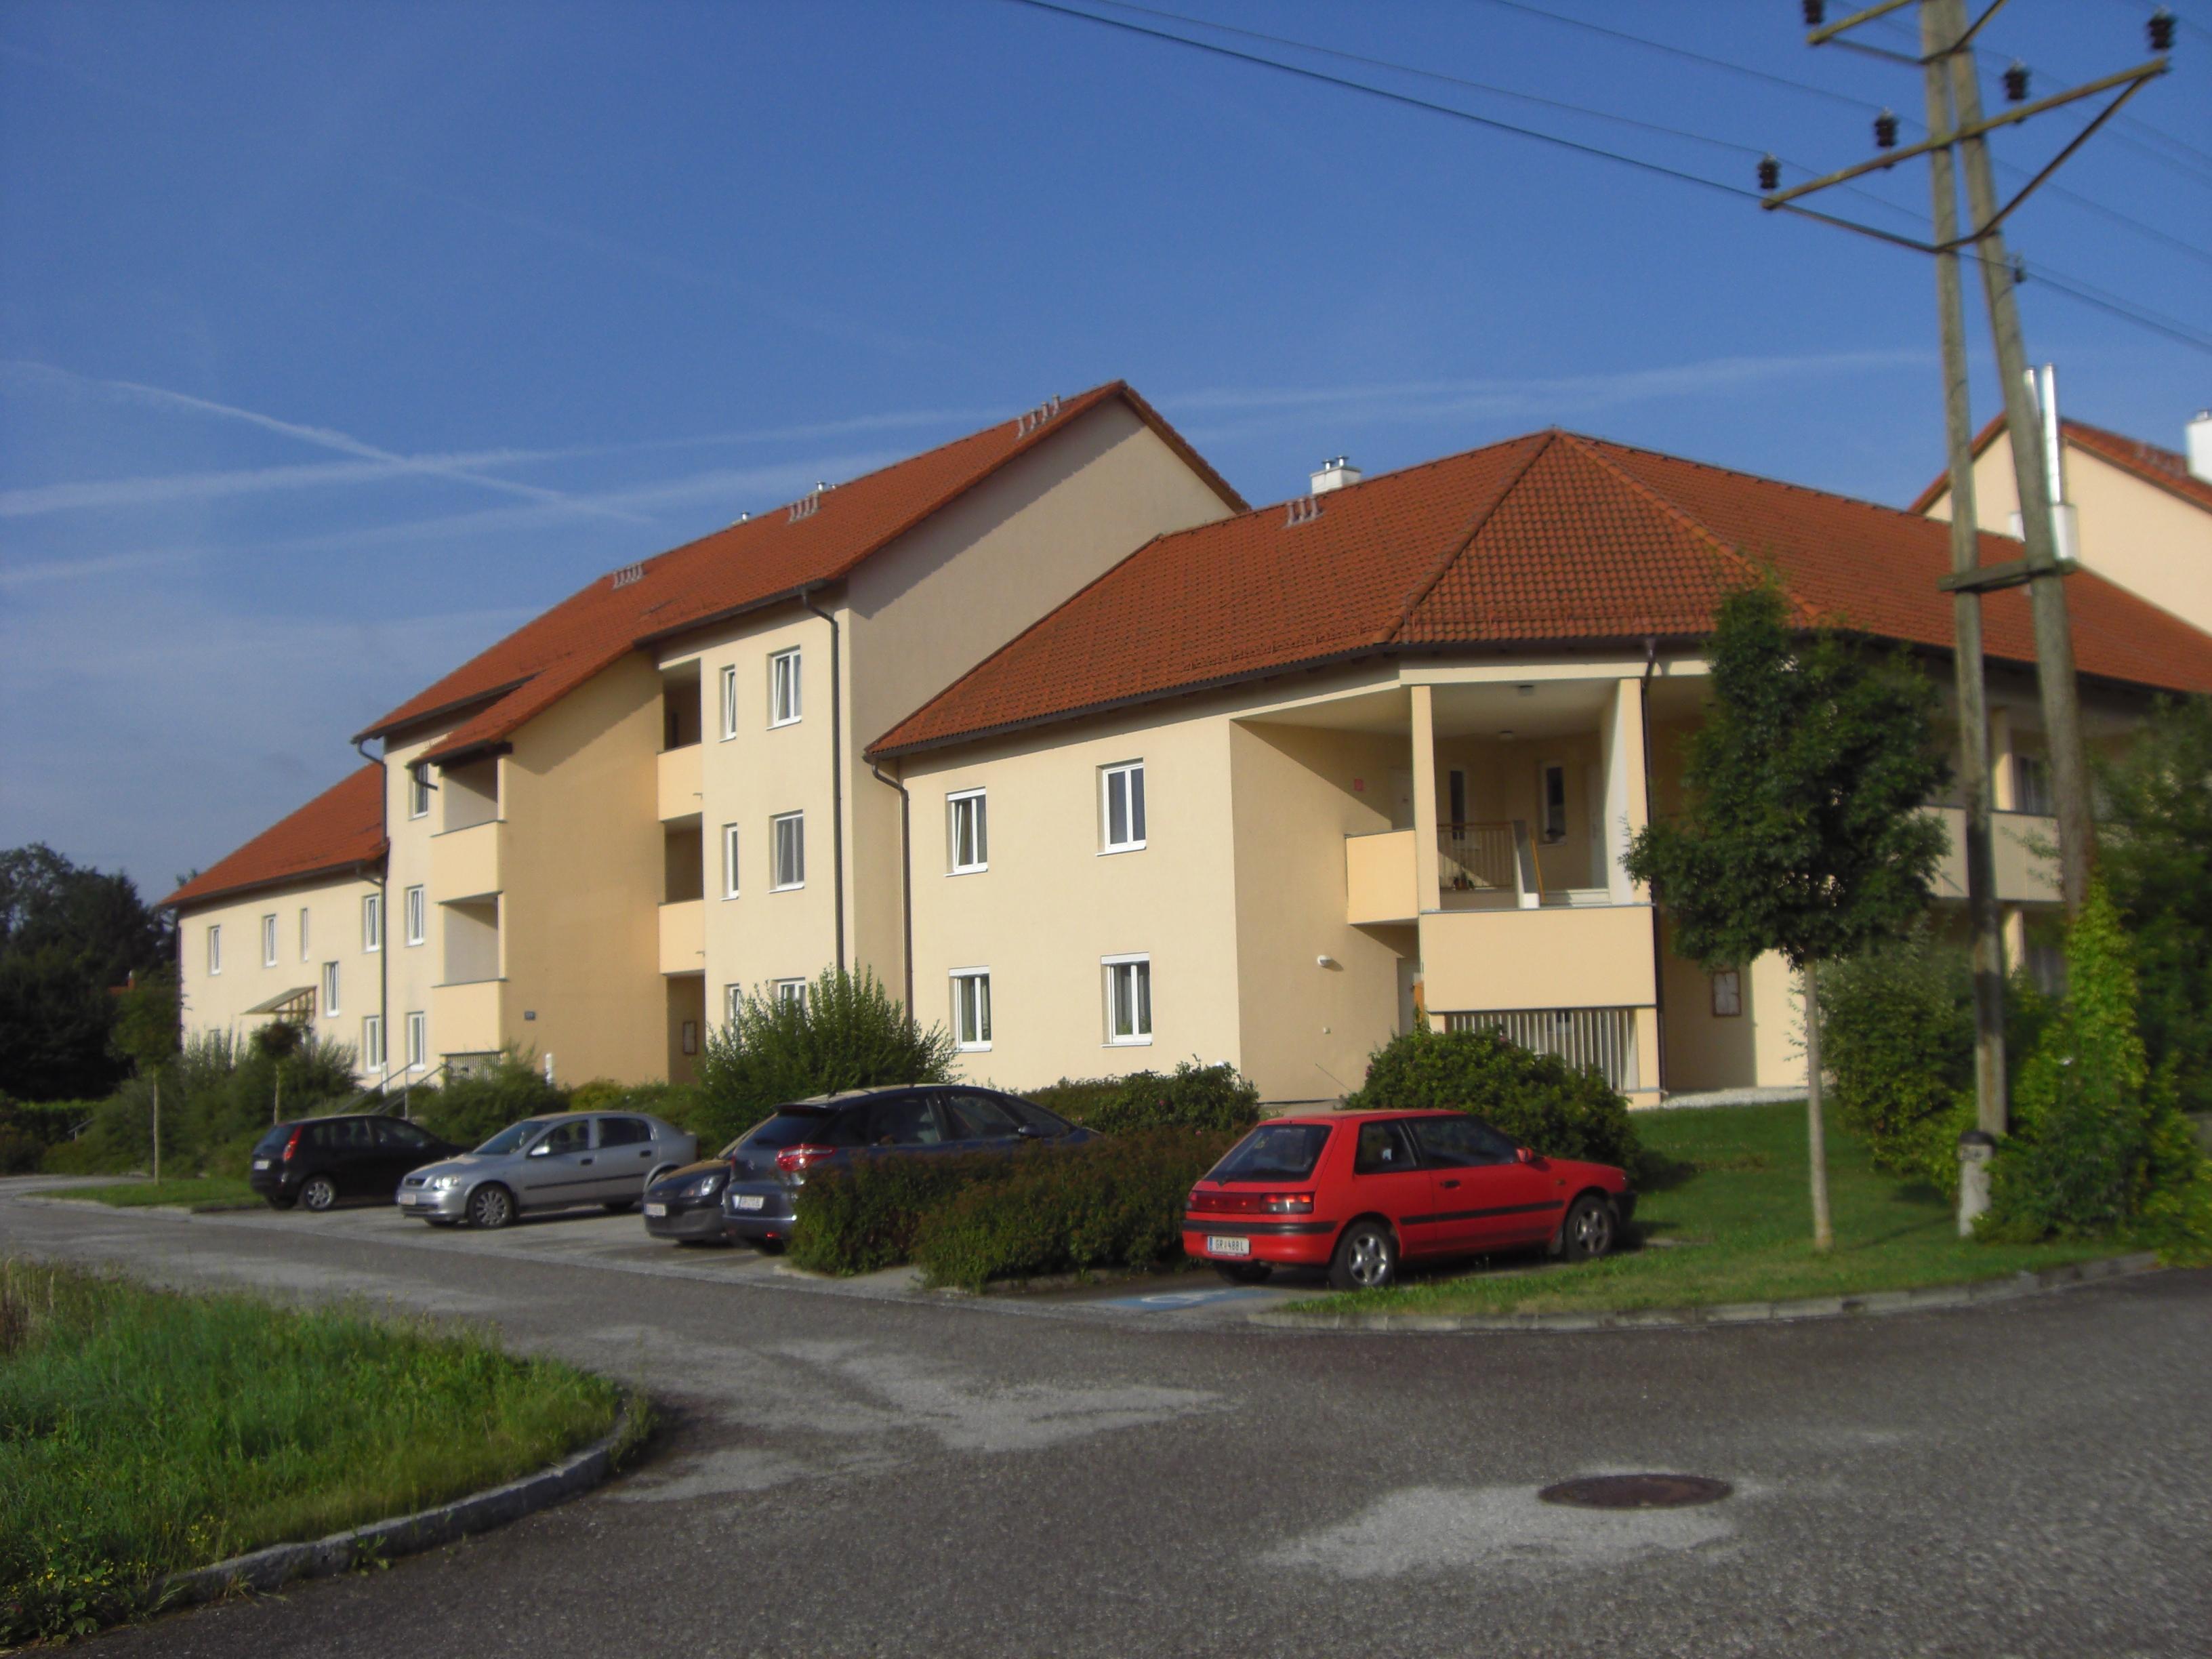 Immobilie von LAWOG in Tolleterau 179/9, 4710 St. Georgen bei Grieskirchen #0